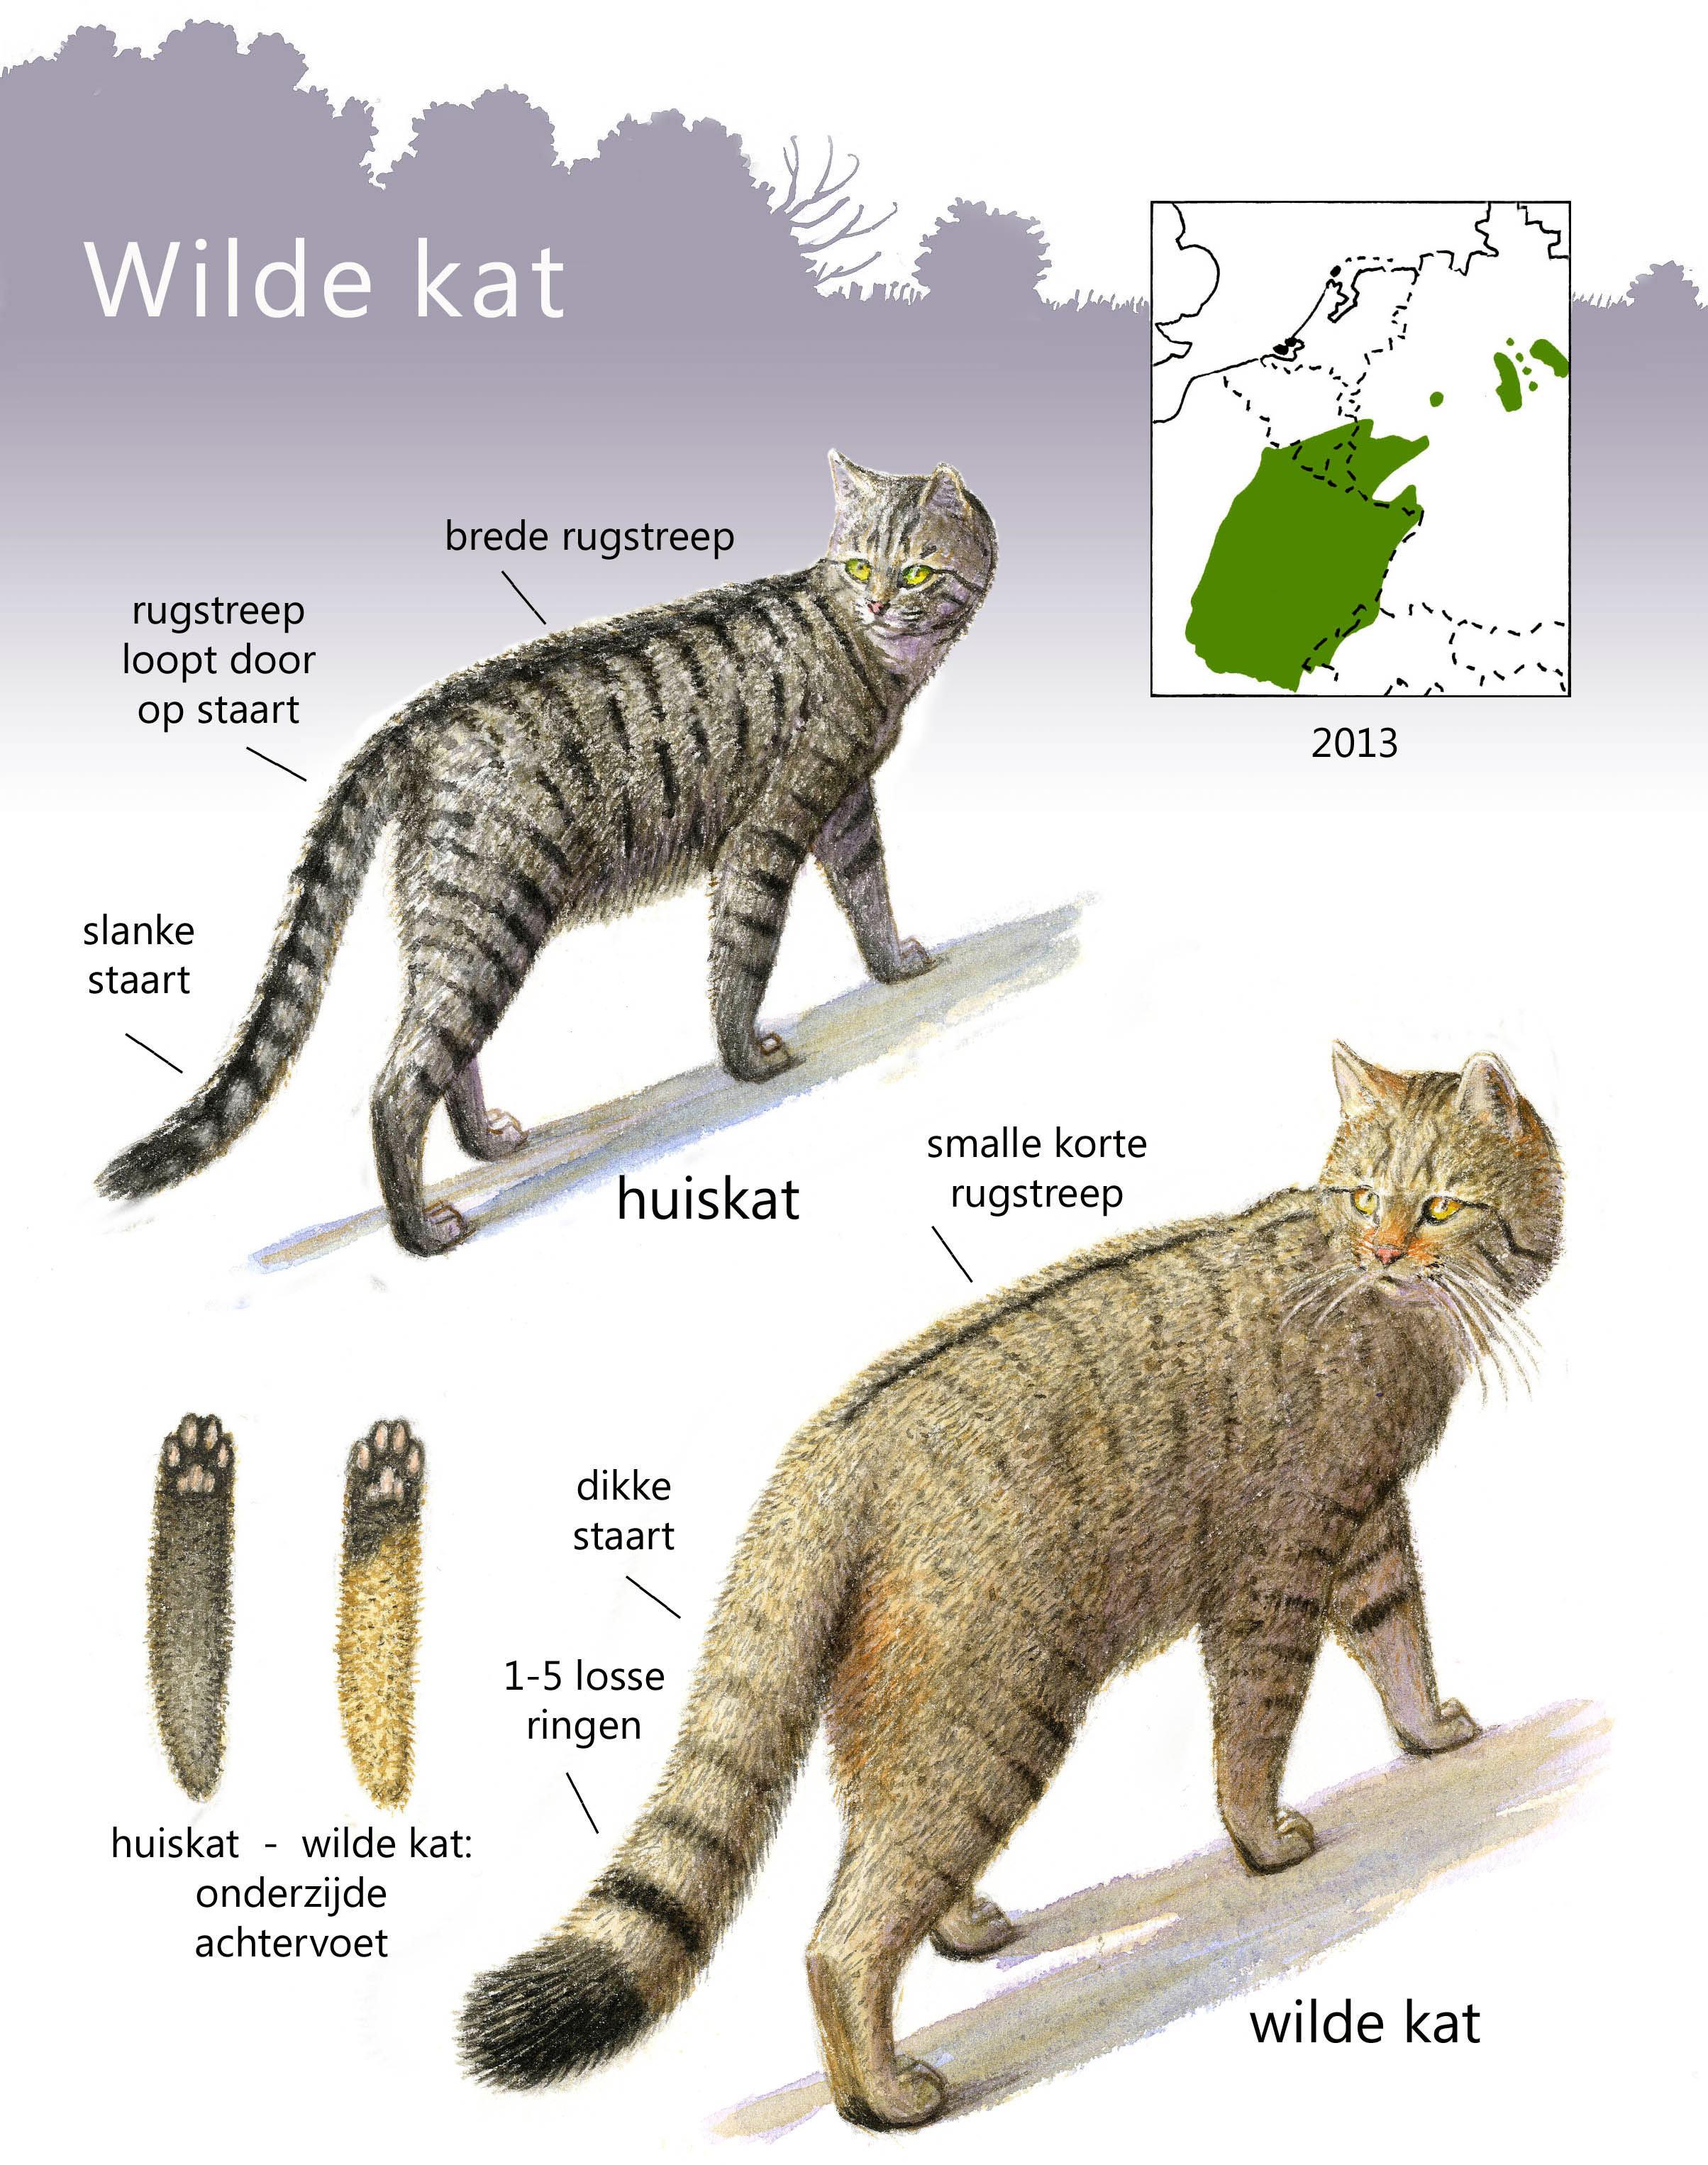 wilde-kat-vs-huiskat-jeroen-helmer